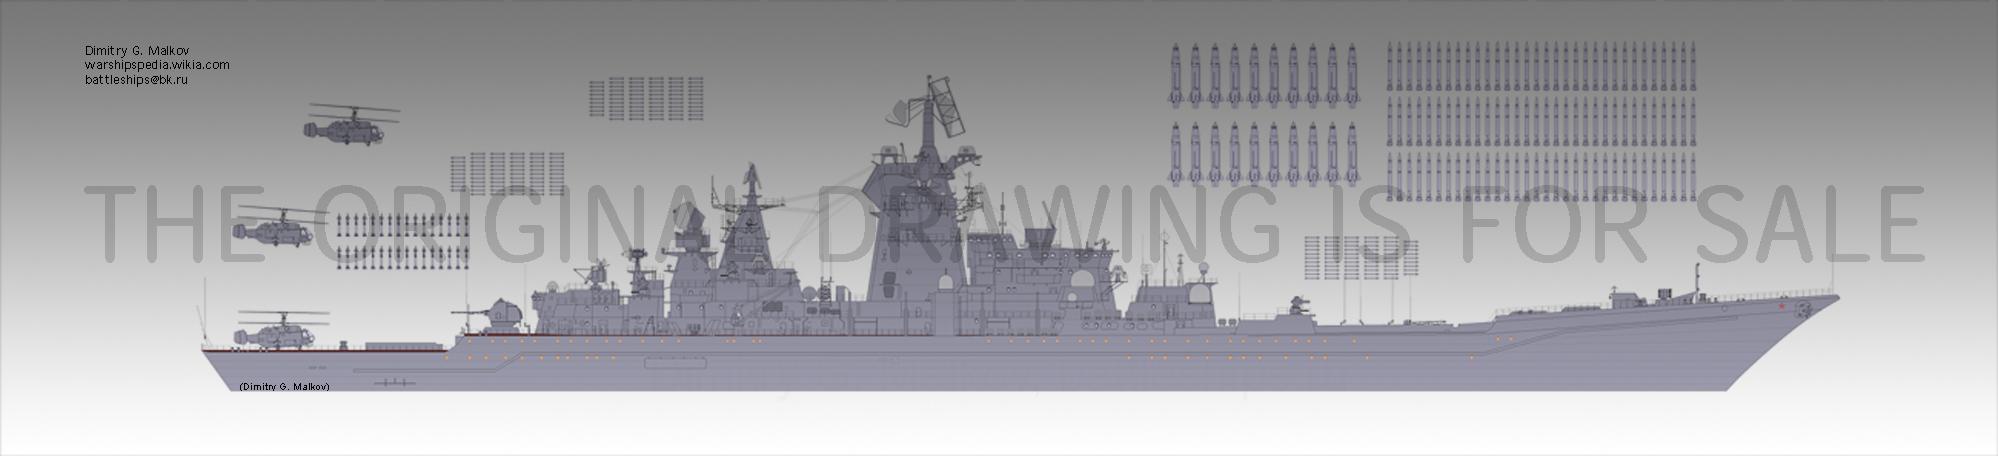 Mes dessins des navires francais - Page 5 C0-11410